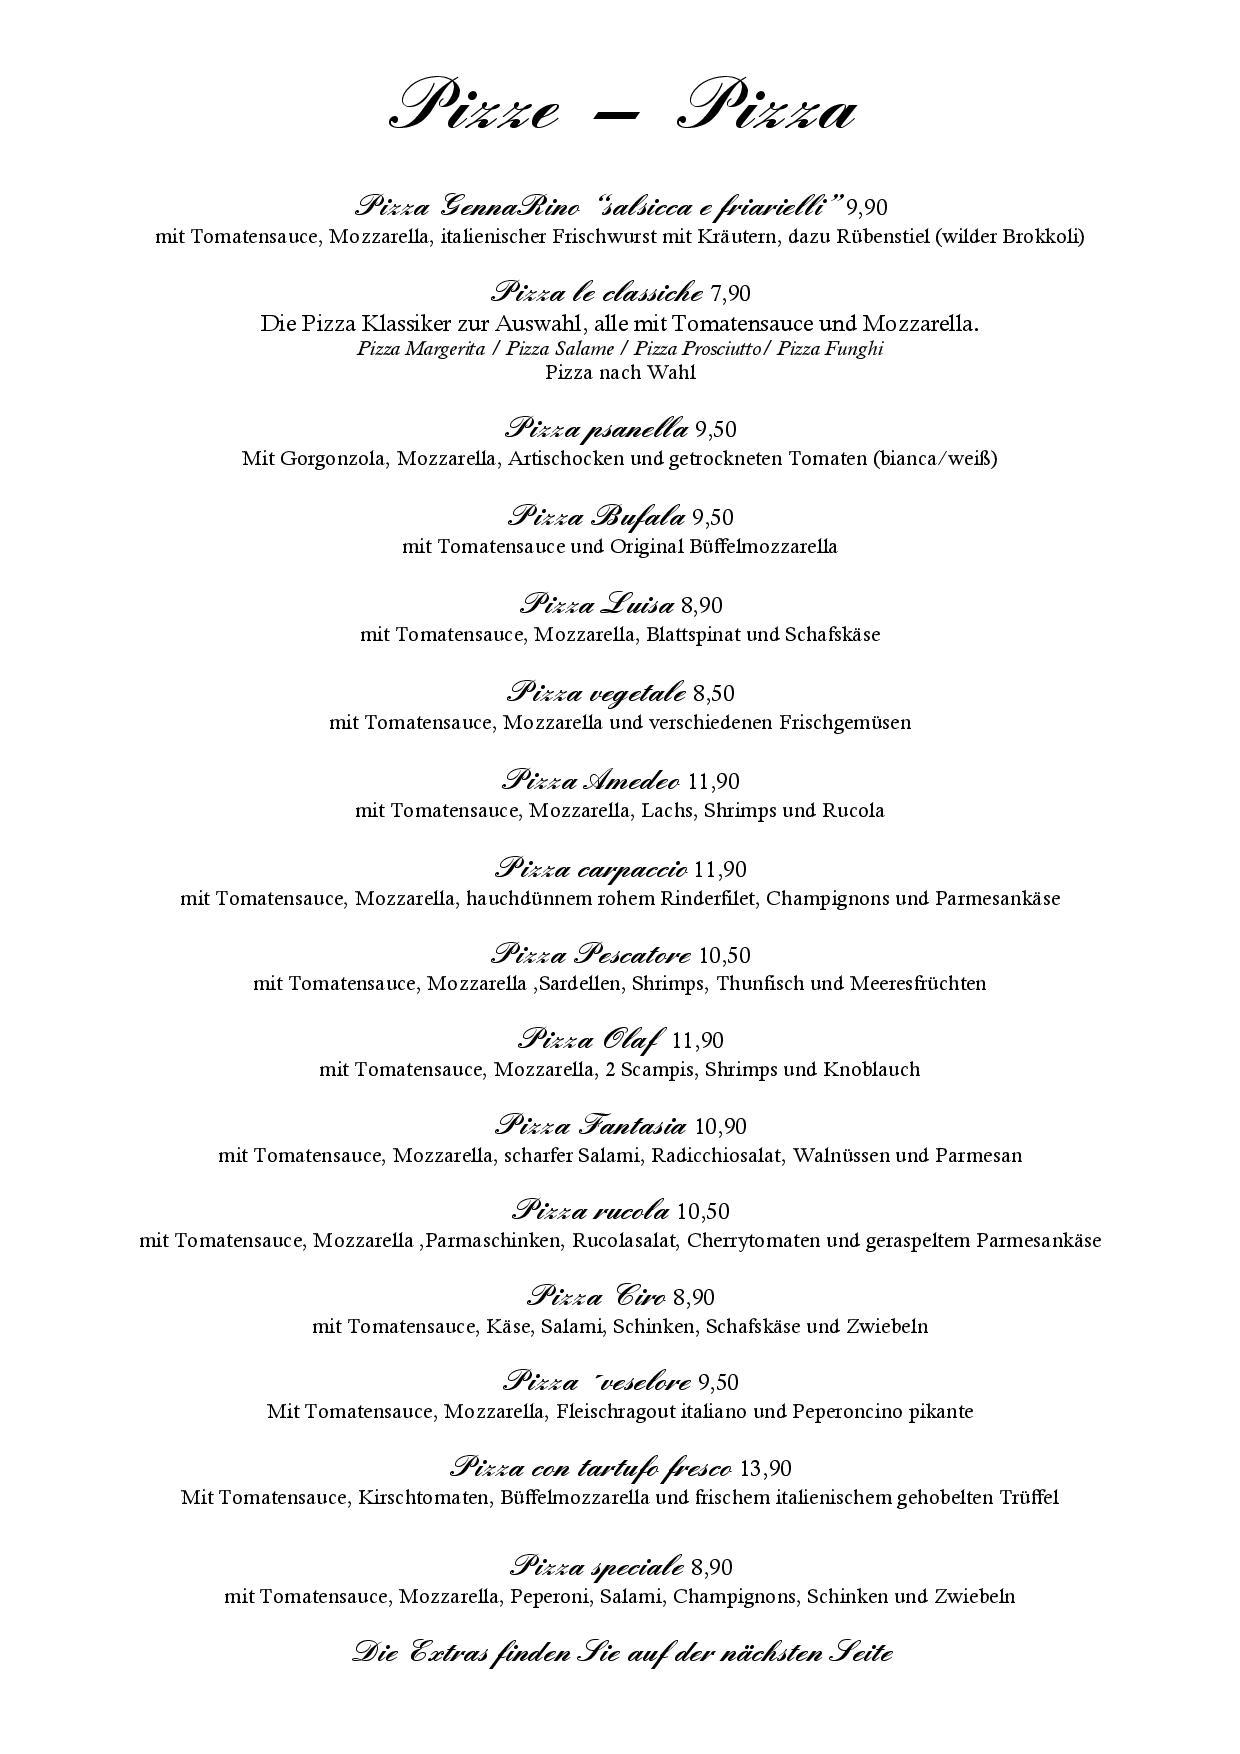 speisekarte-marinella-15-5-21-page-007